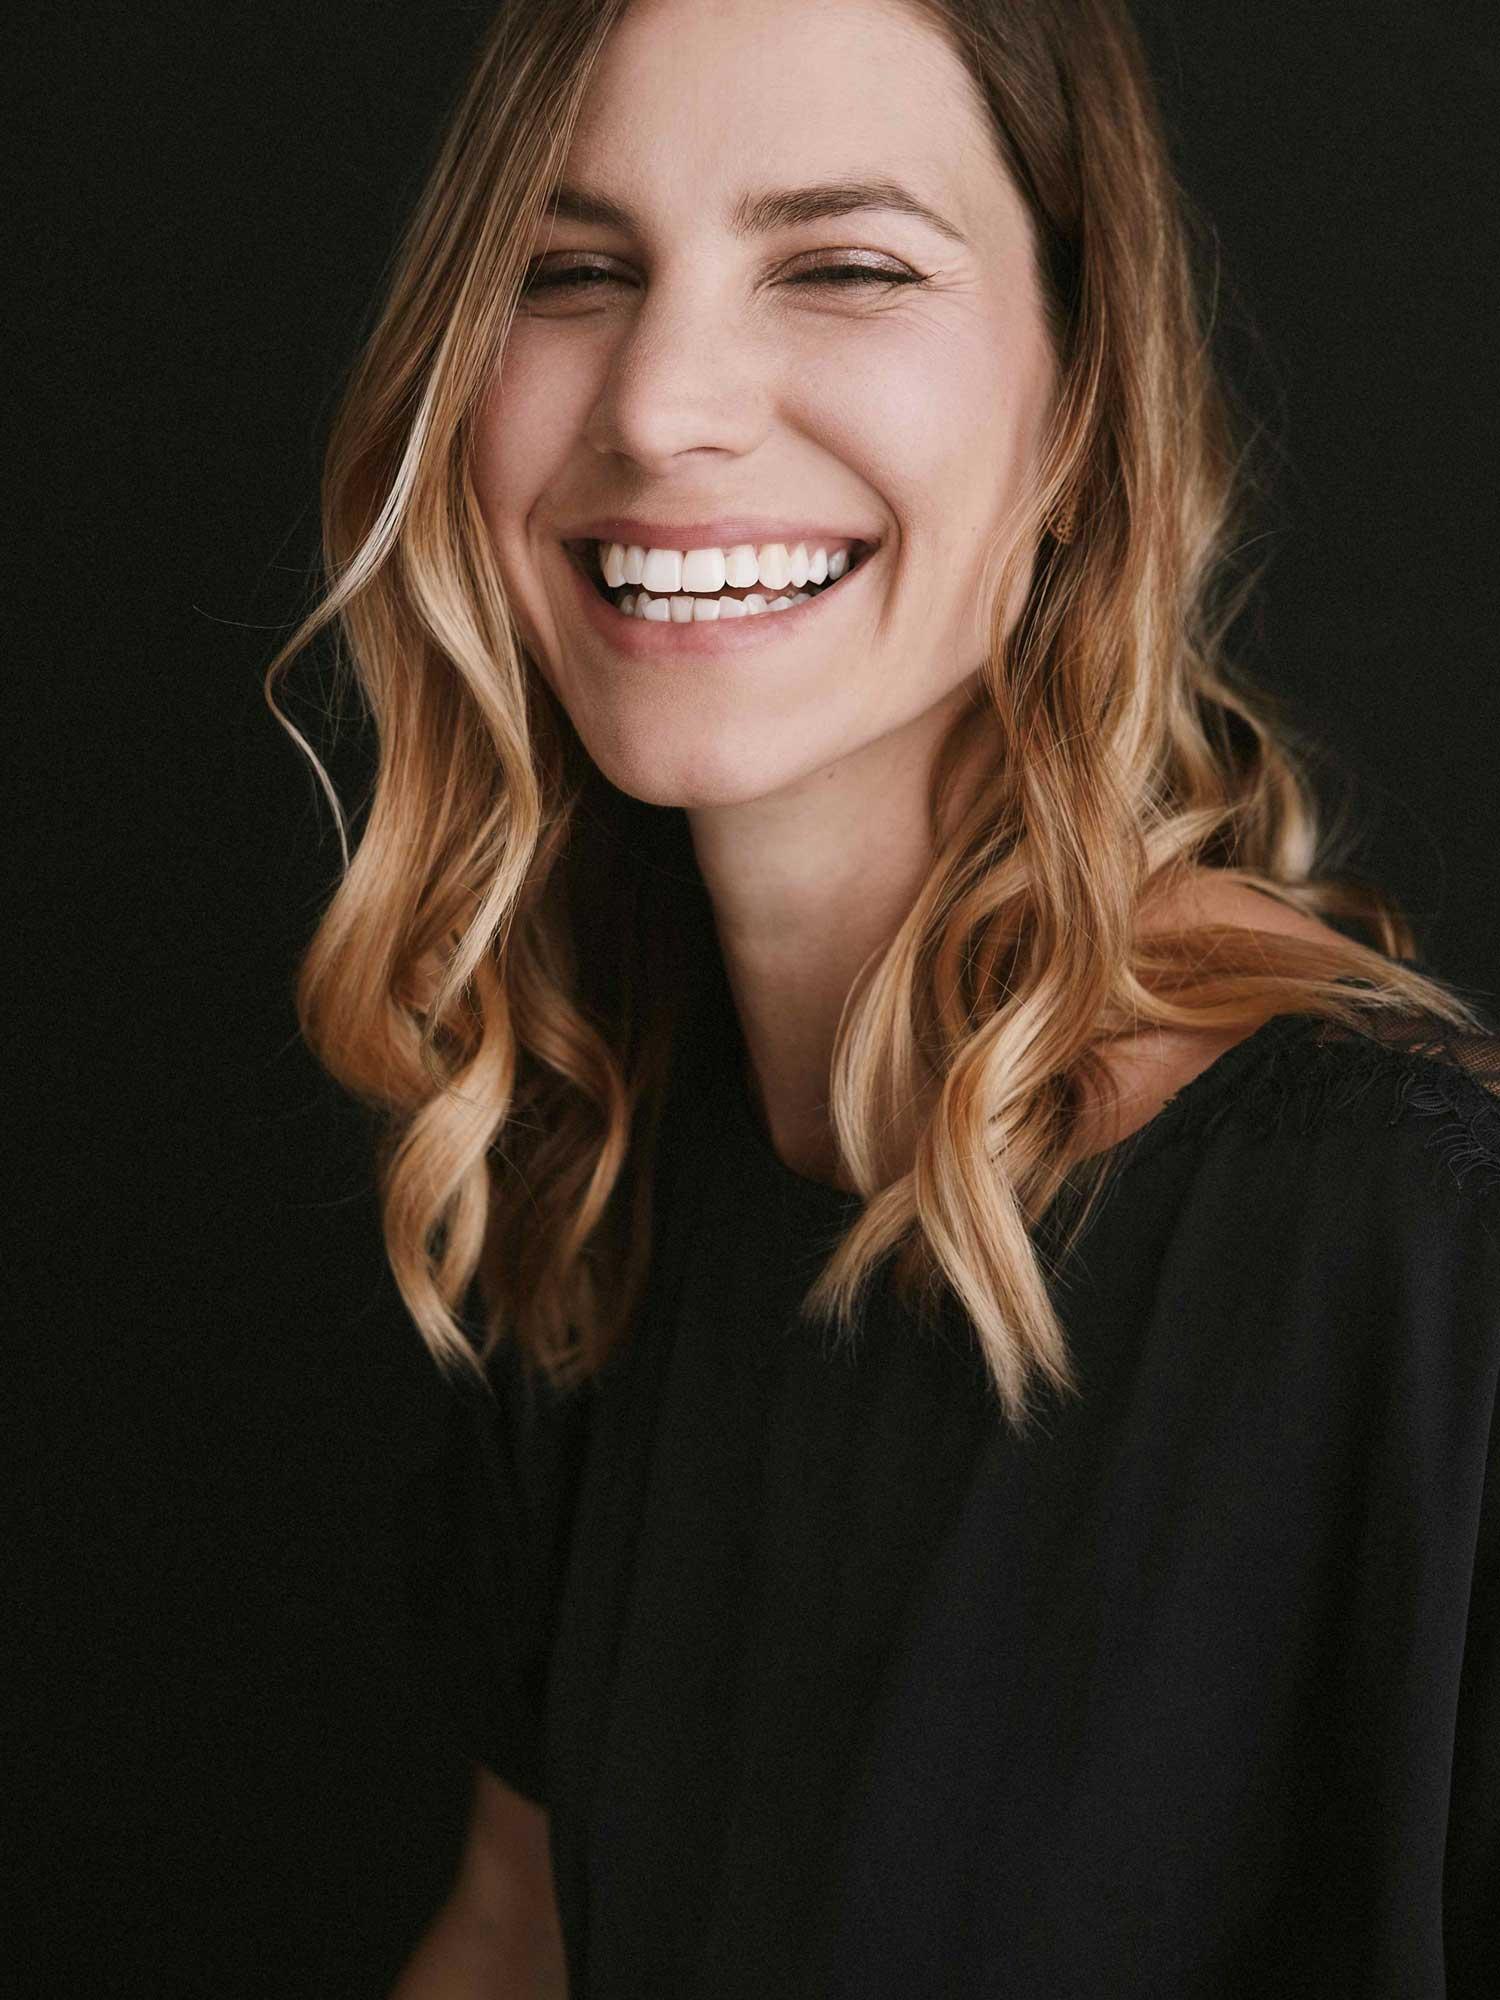 Portrait von Bettina, lachend